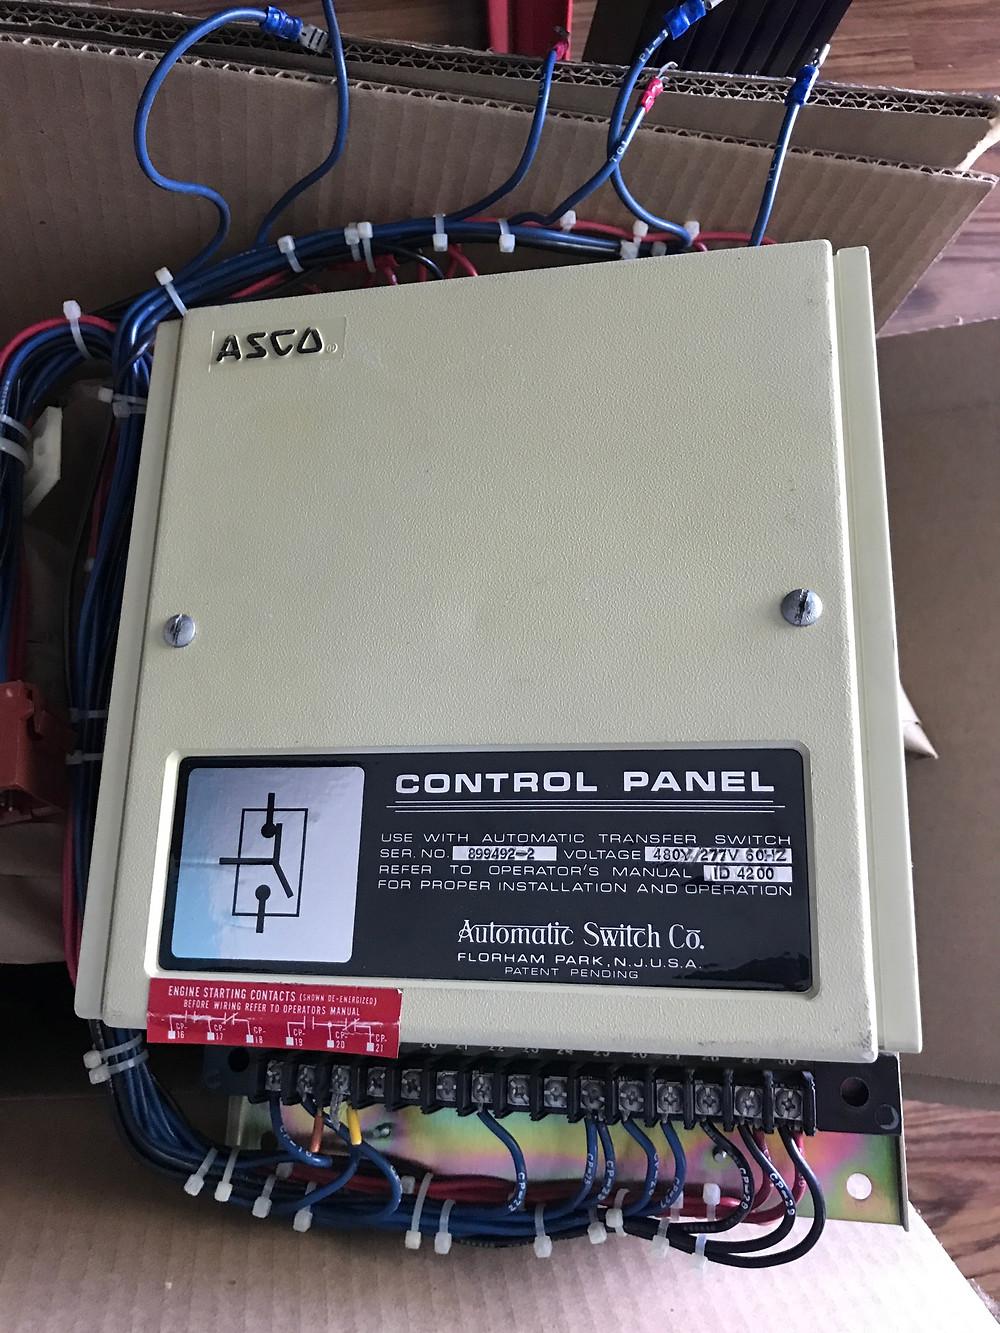 Asco ATS Controller